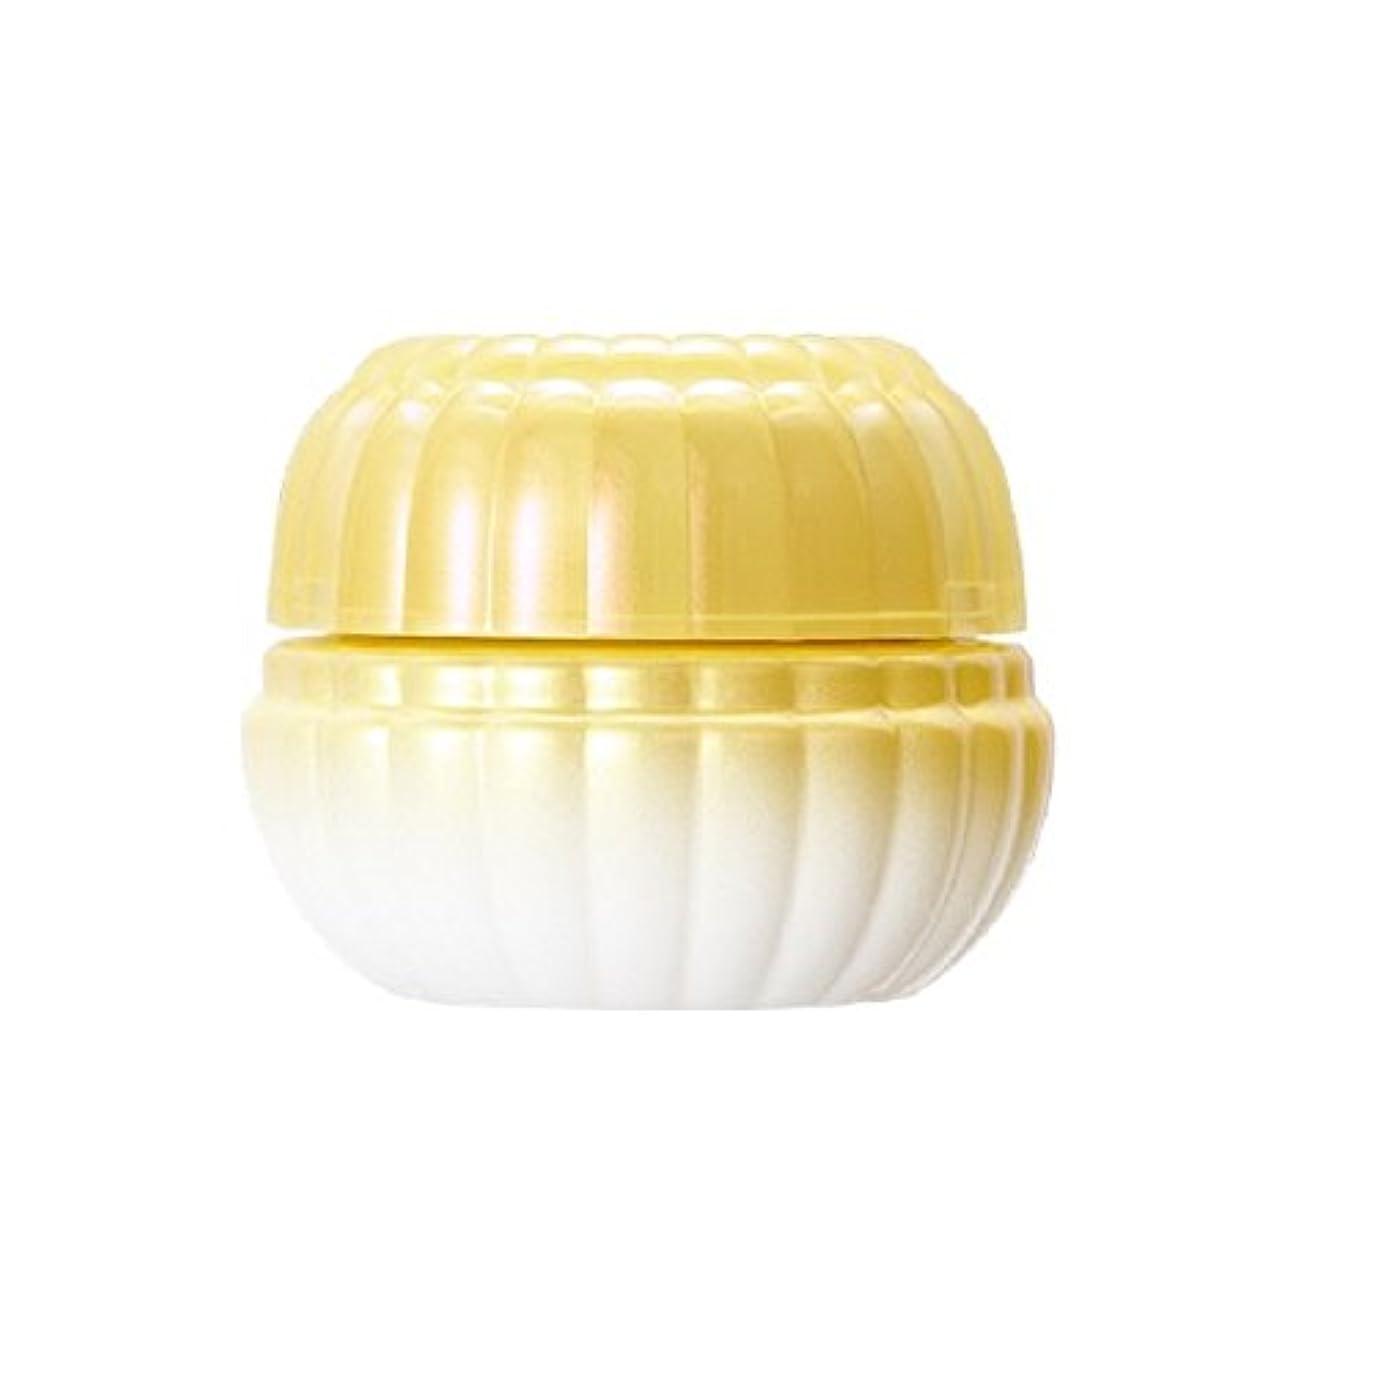 自体騒ぎうそつきアユーラ (AYURA) モイストパワライズクリーム (医薬部外品) 28g 〈美白クリーム〉